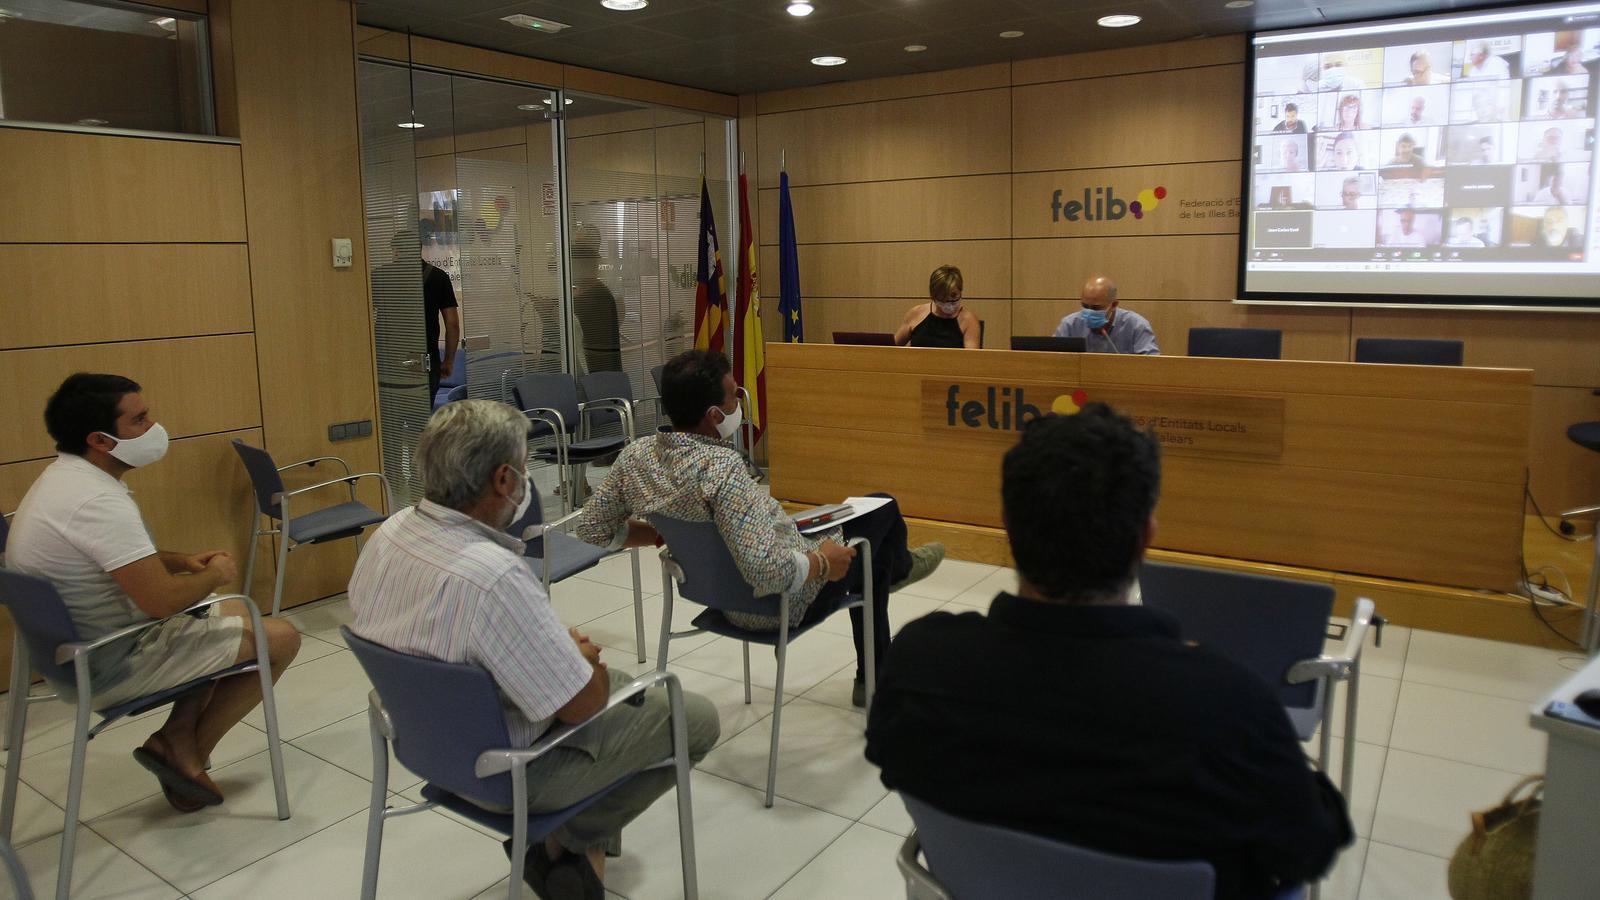 Imatge d'una reunió entre Felib i consistoris./ ISAAC BUJ